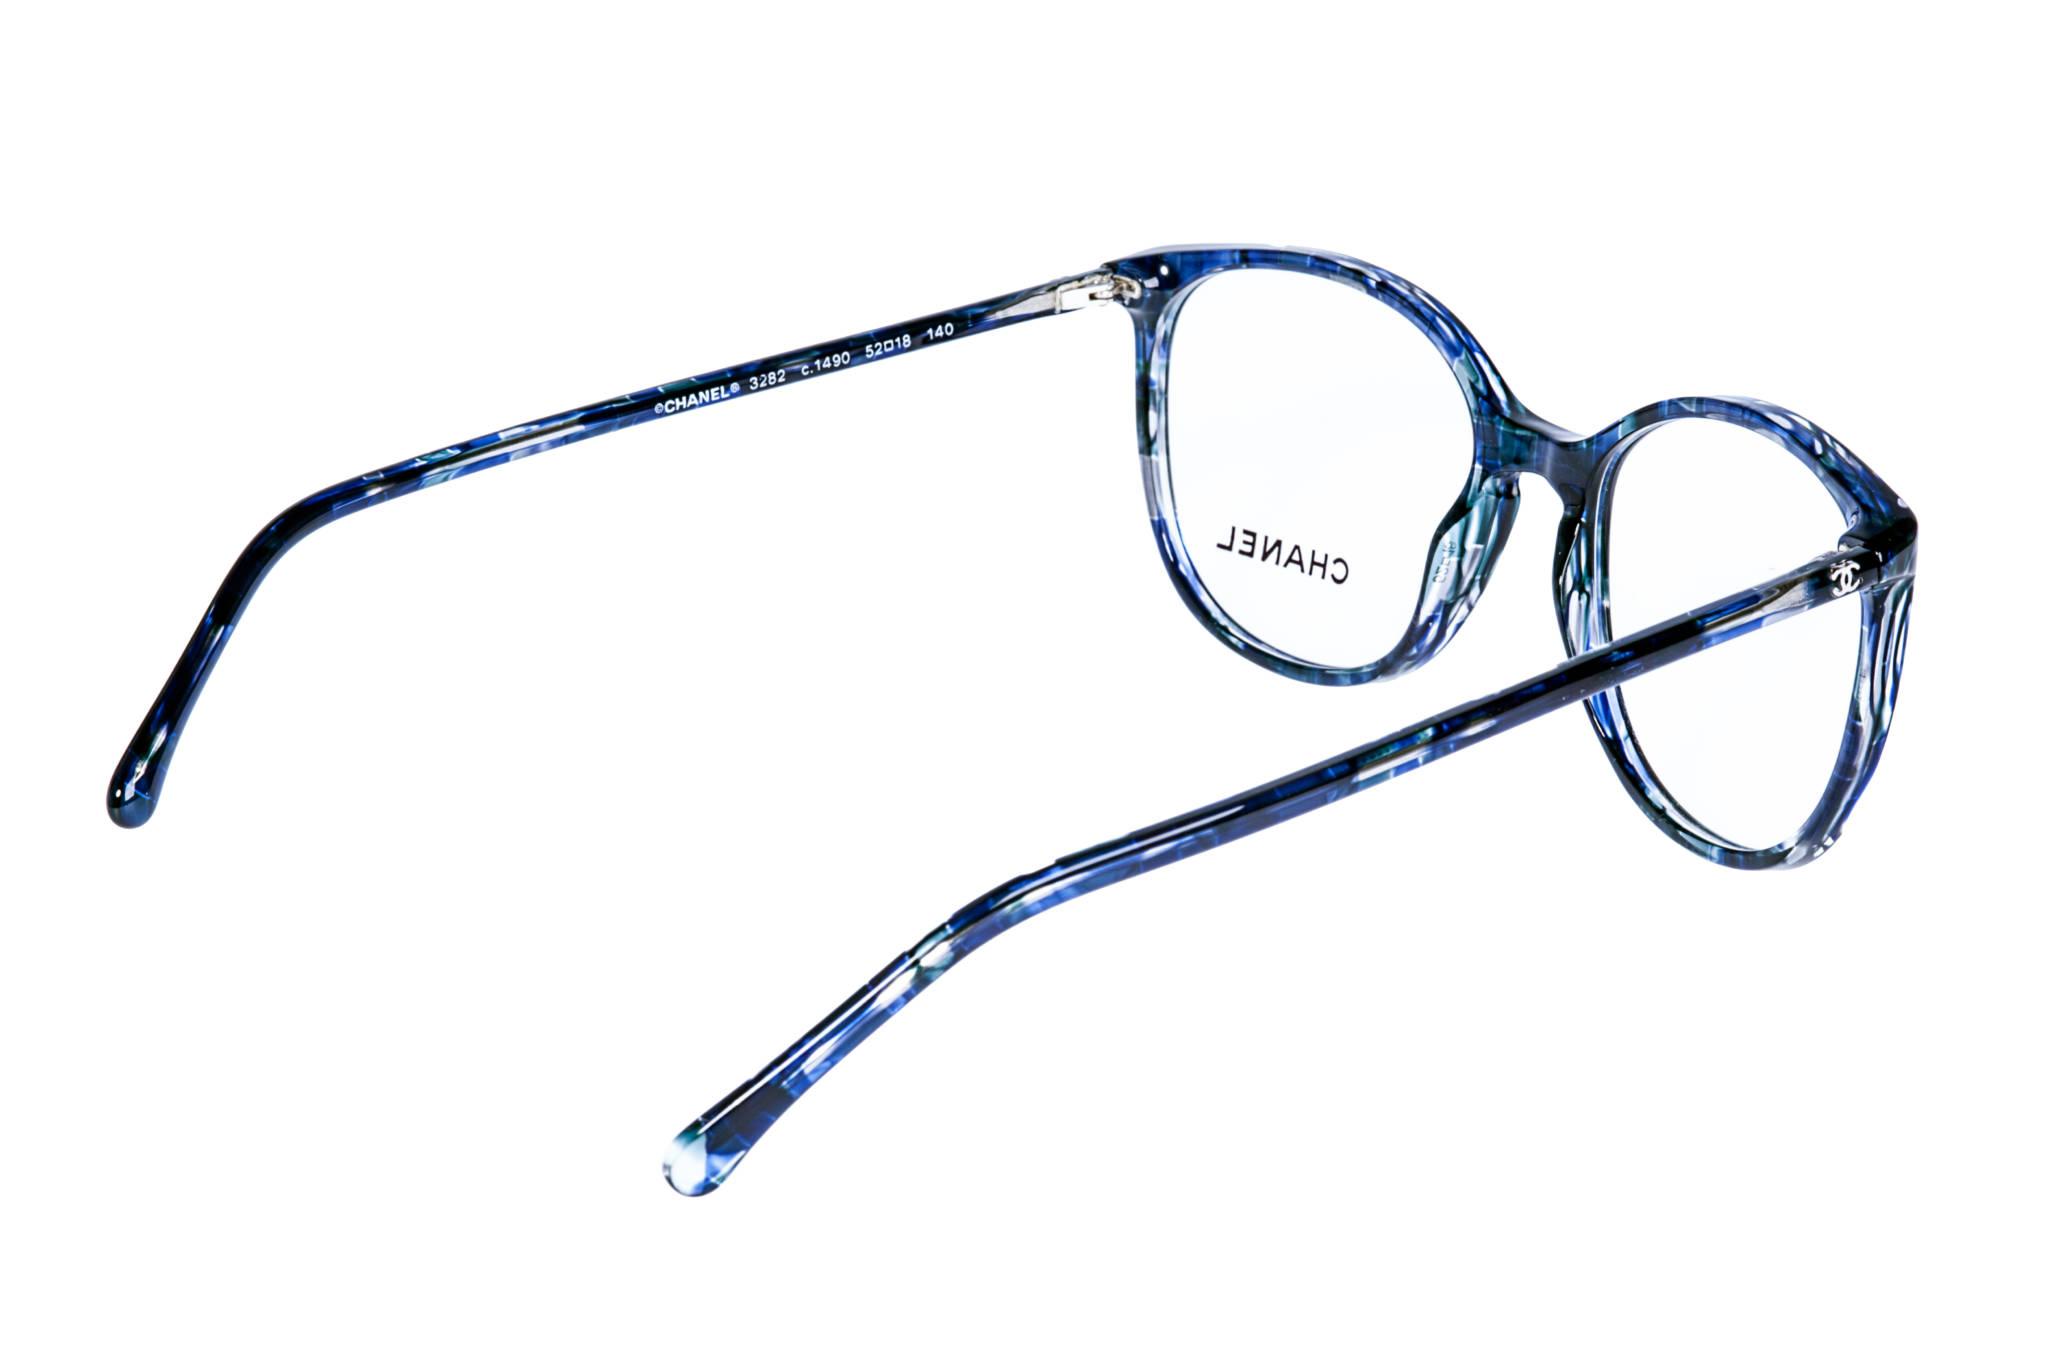 Chanel 3282 1490